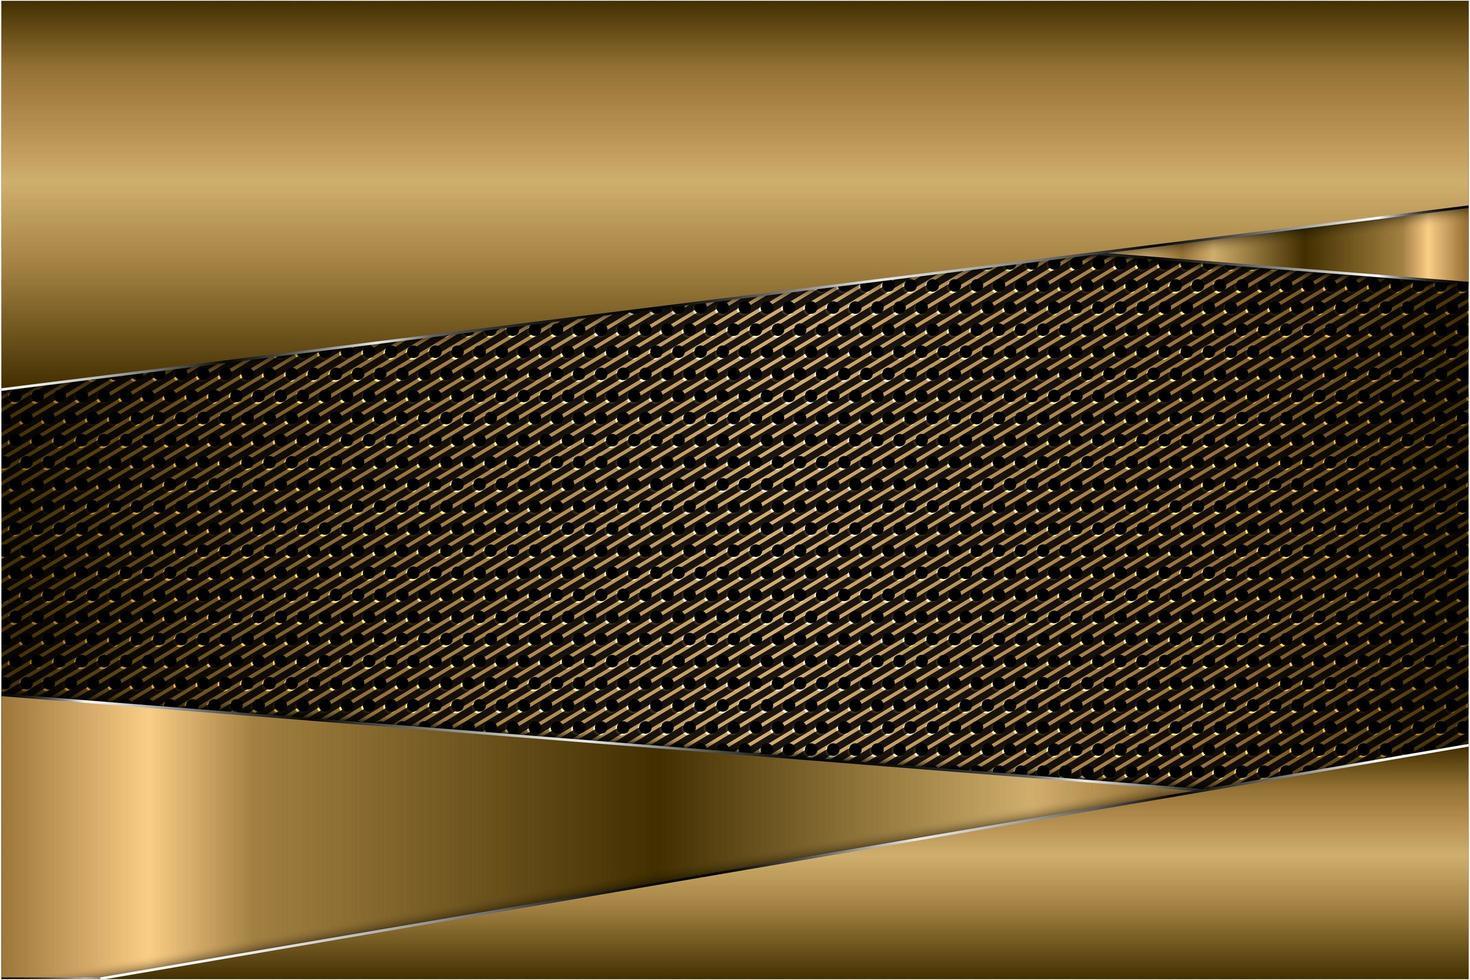 panneaux en or métallique avec texture en fibre de carbone vecteur